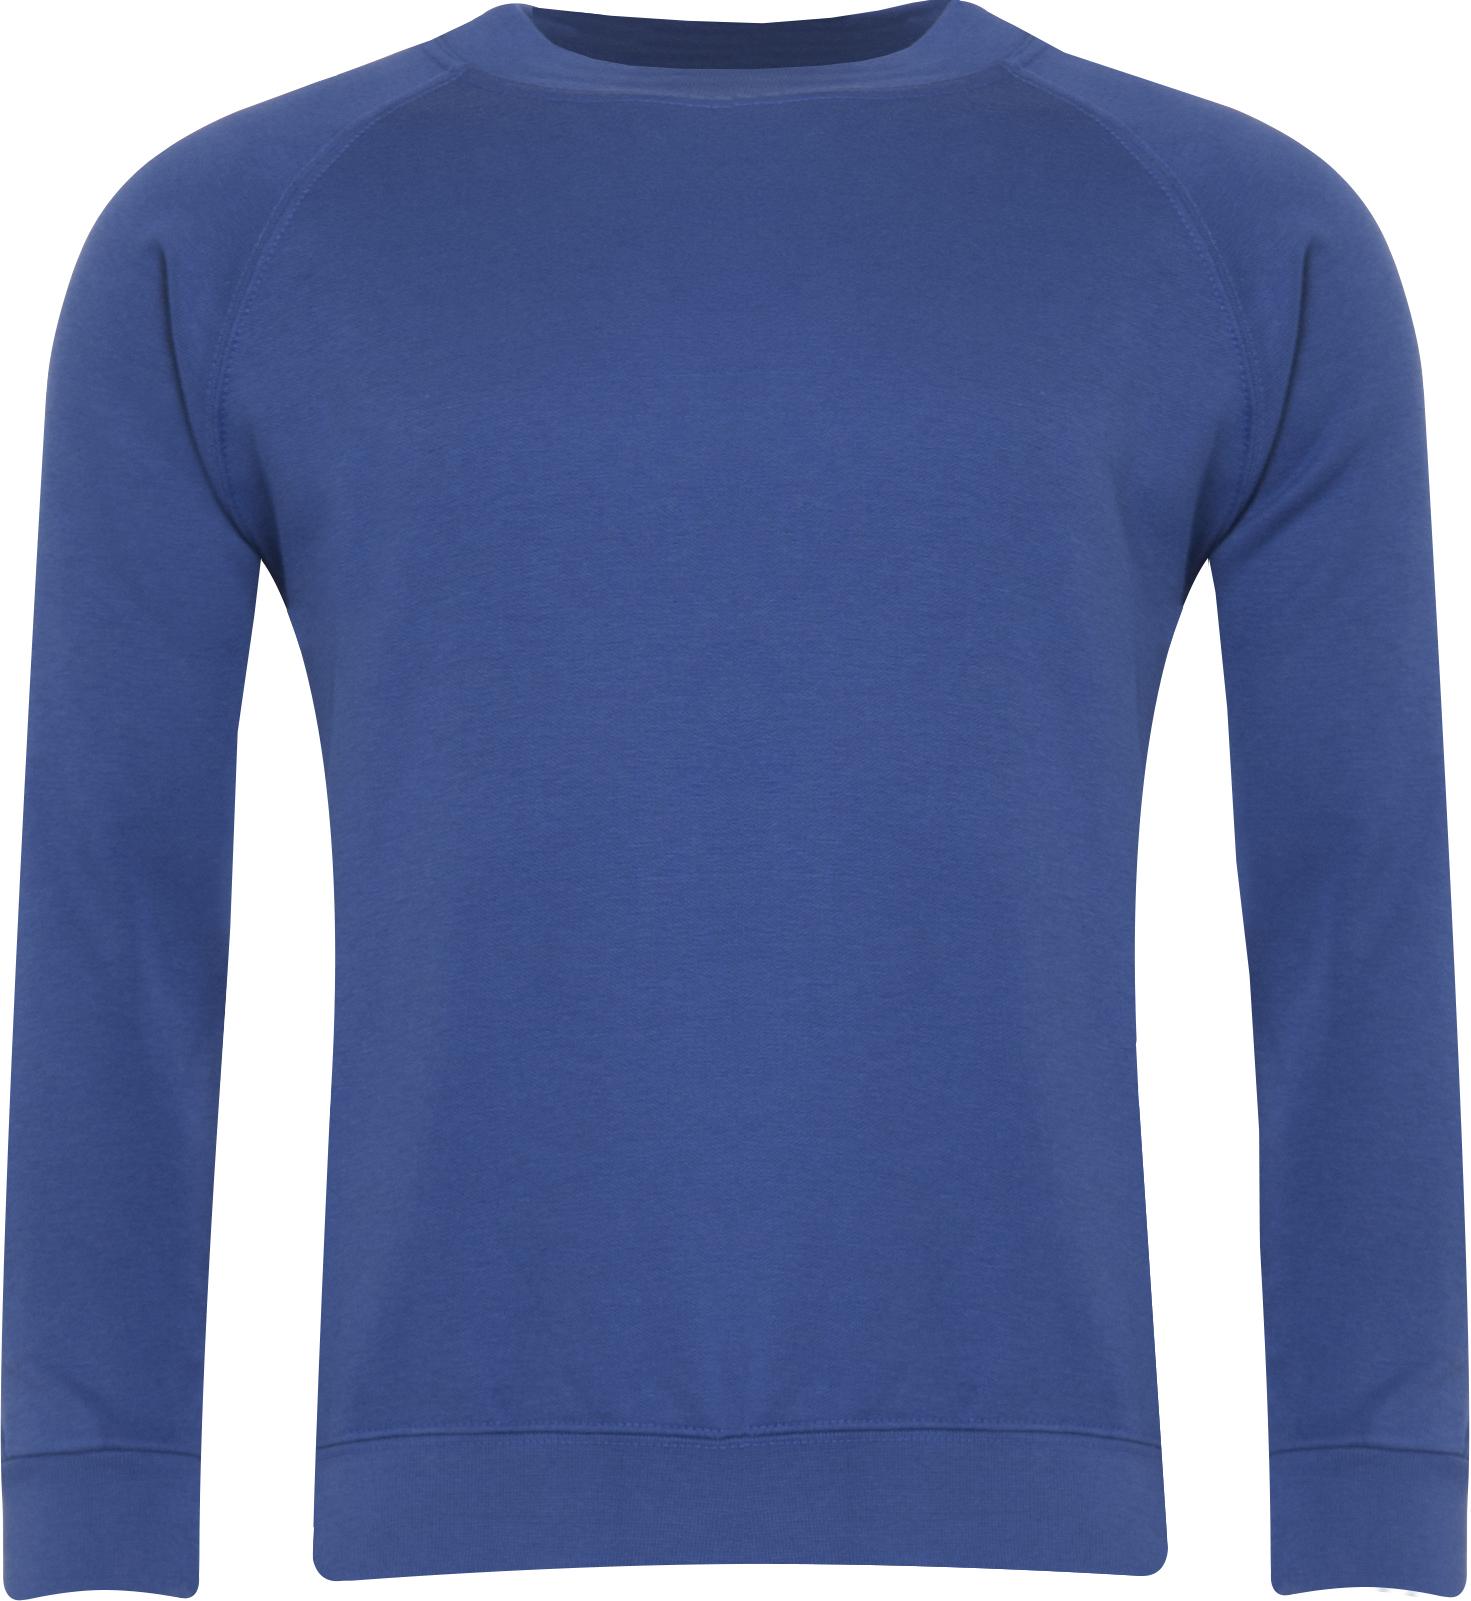 Round Neck Sweatshirt (Premium) 50% Cotton 50% Polyester